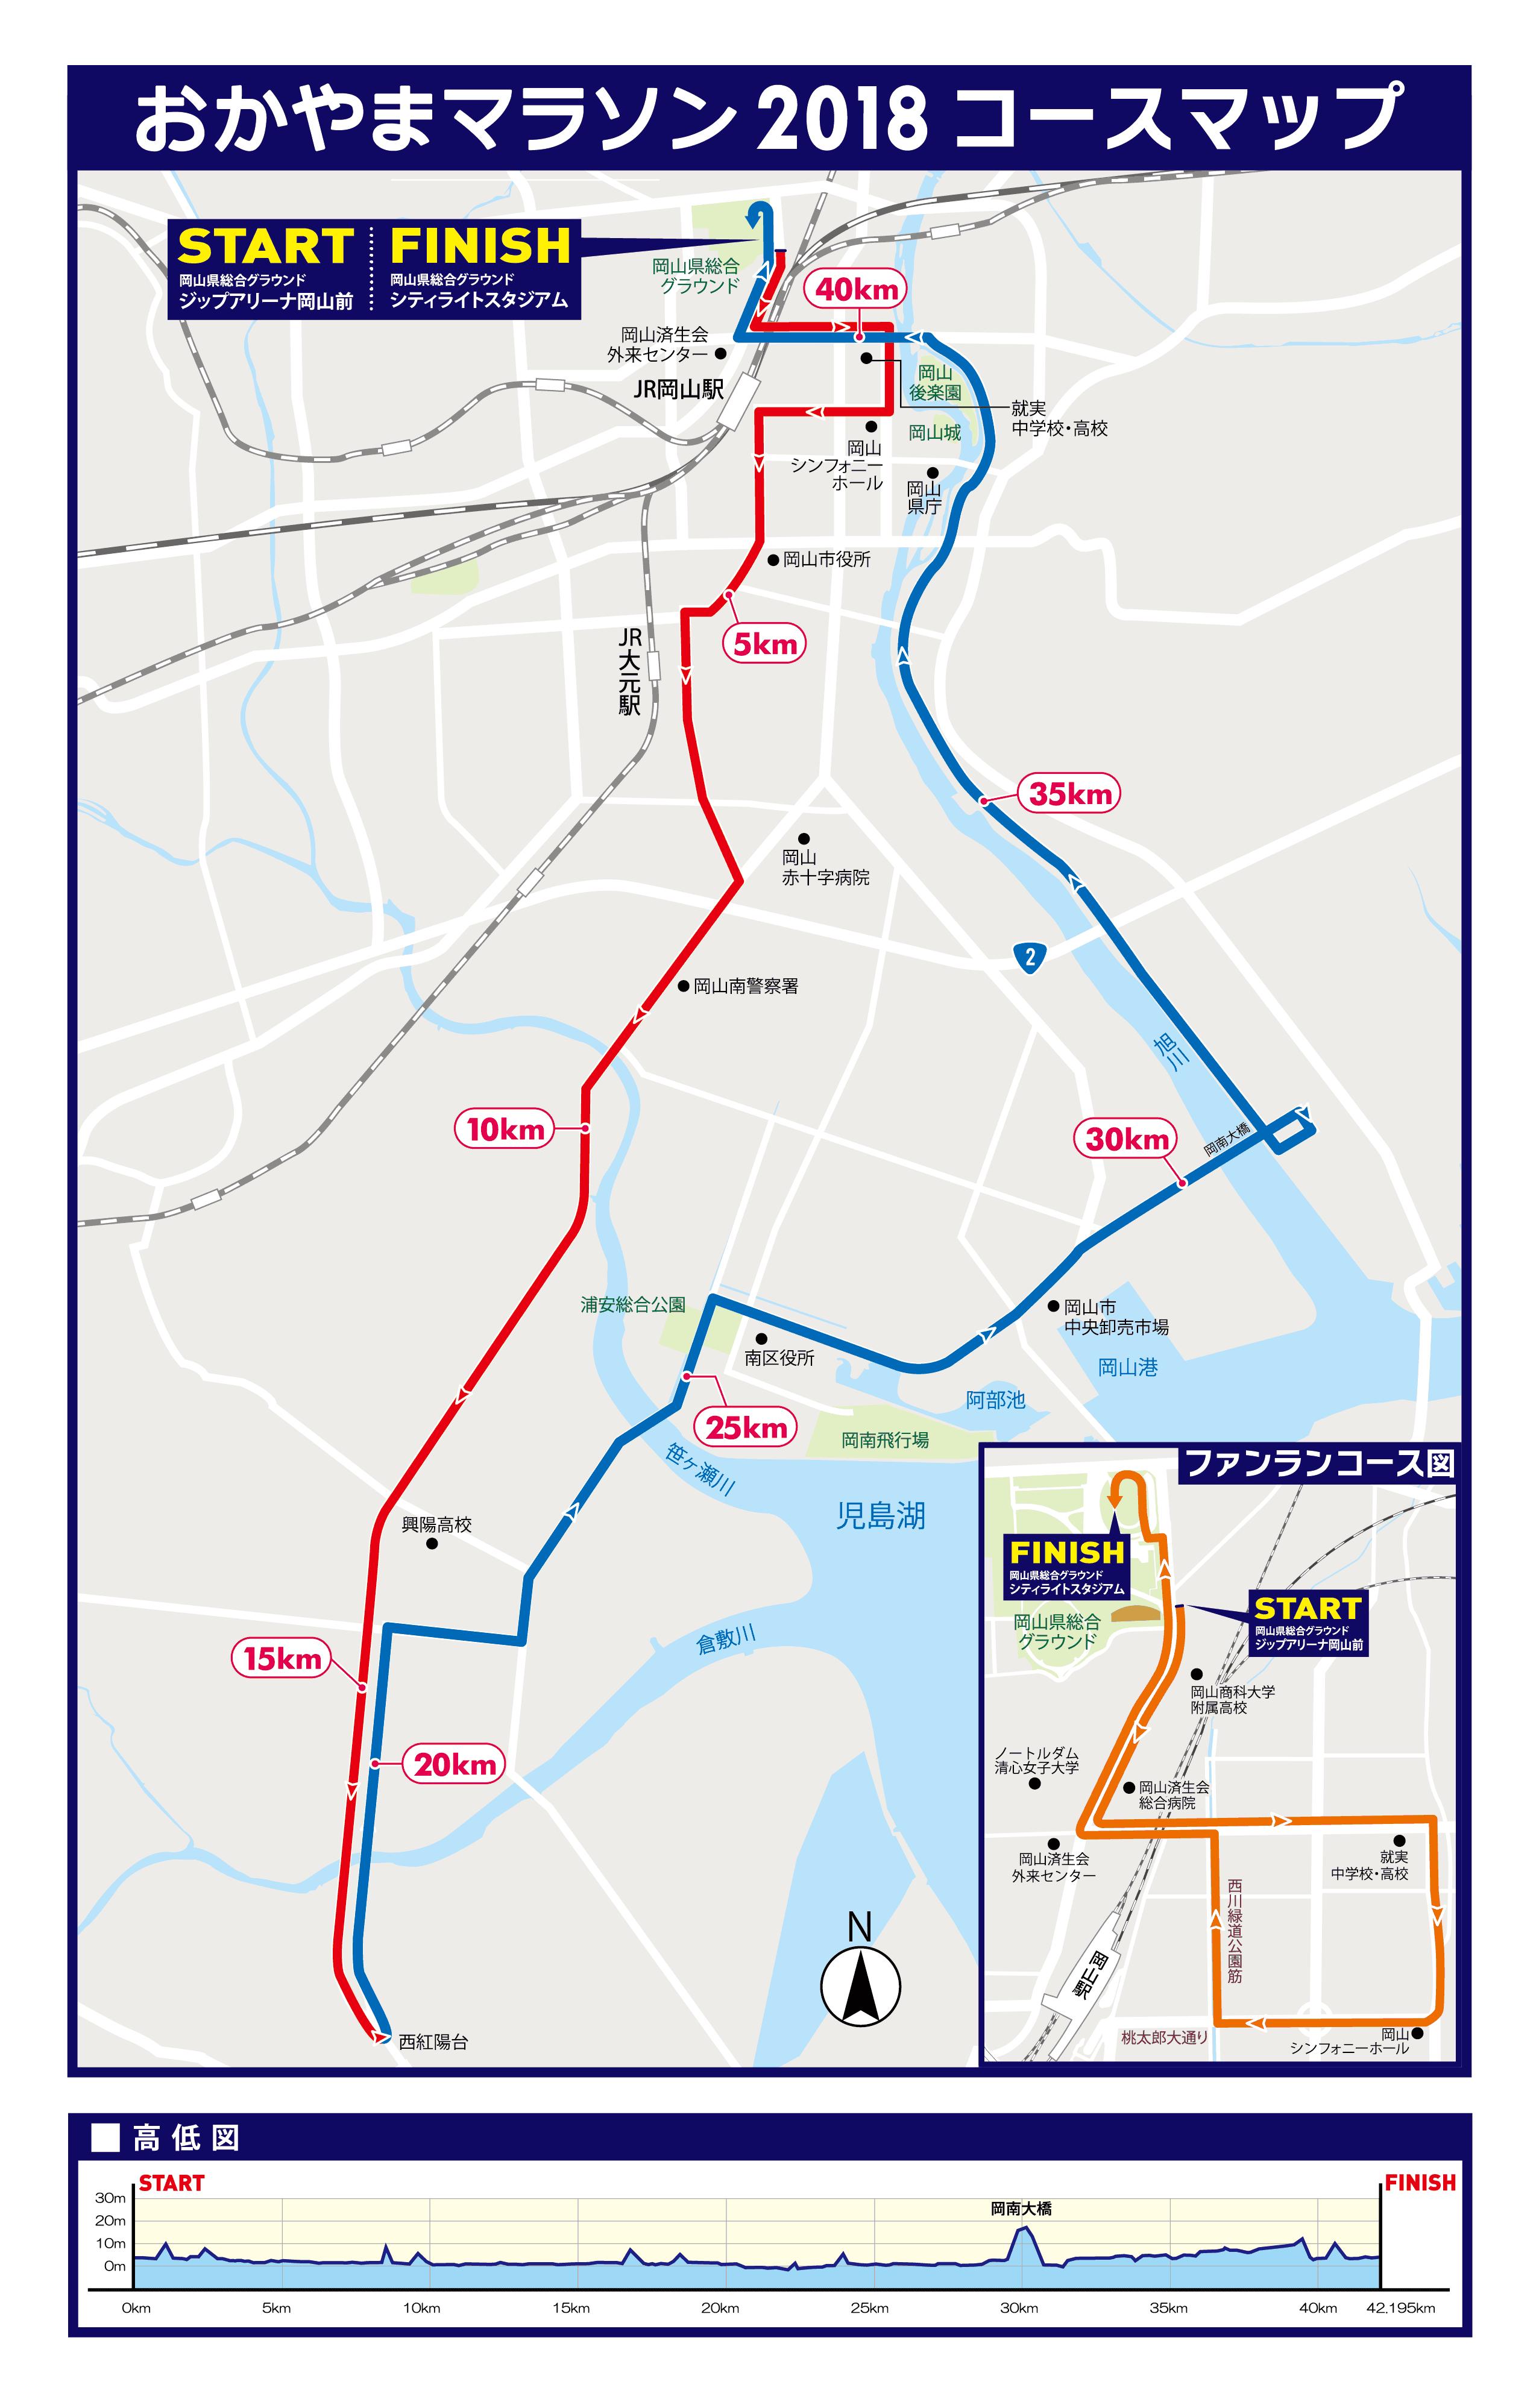 おかやまマラソン2018コースマップ